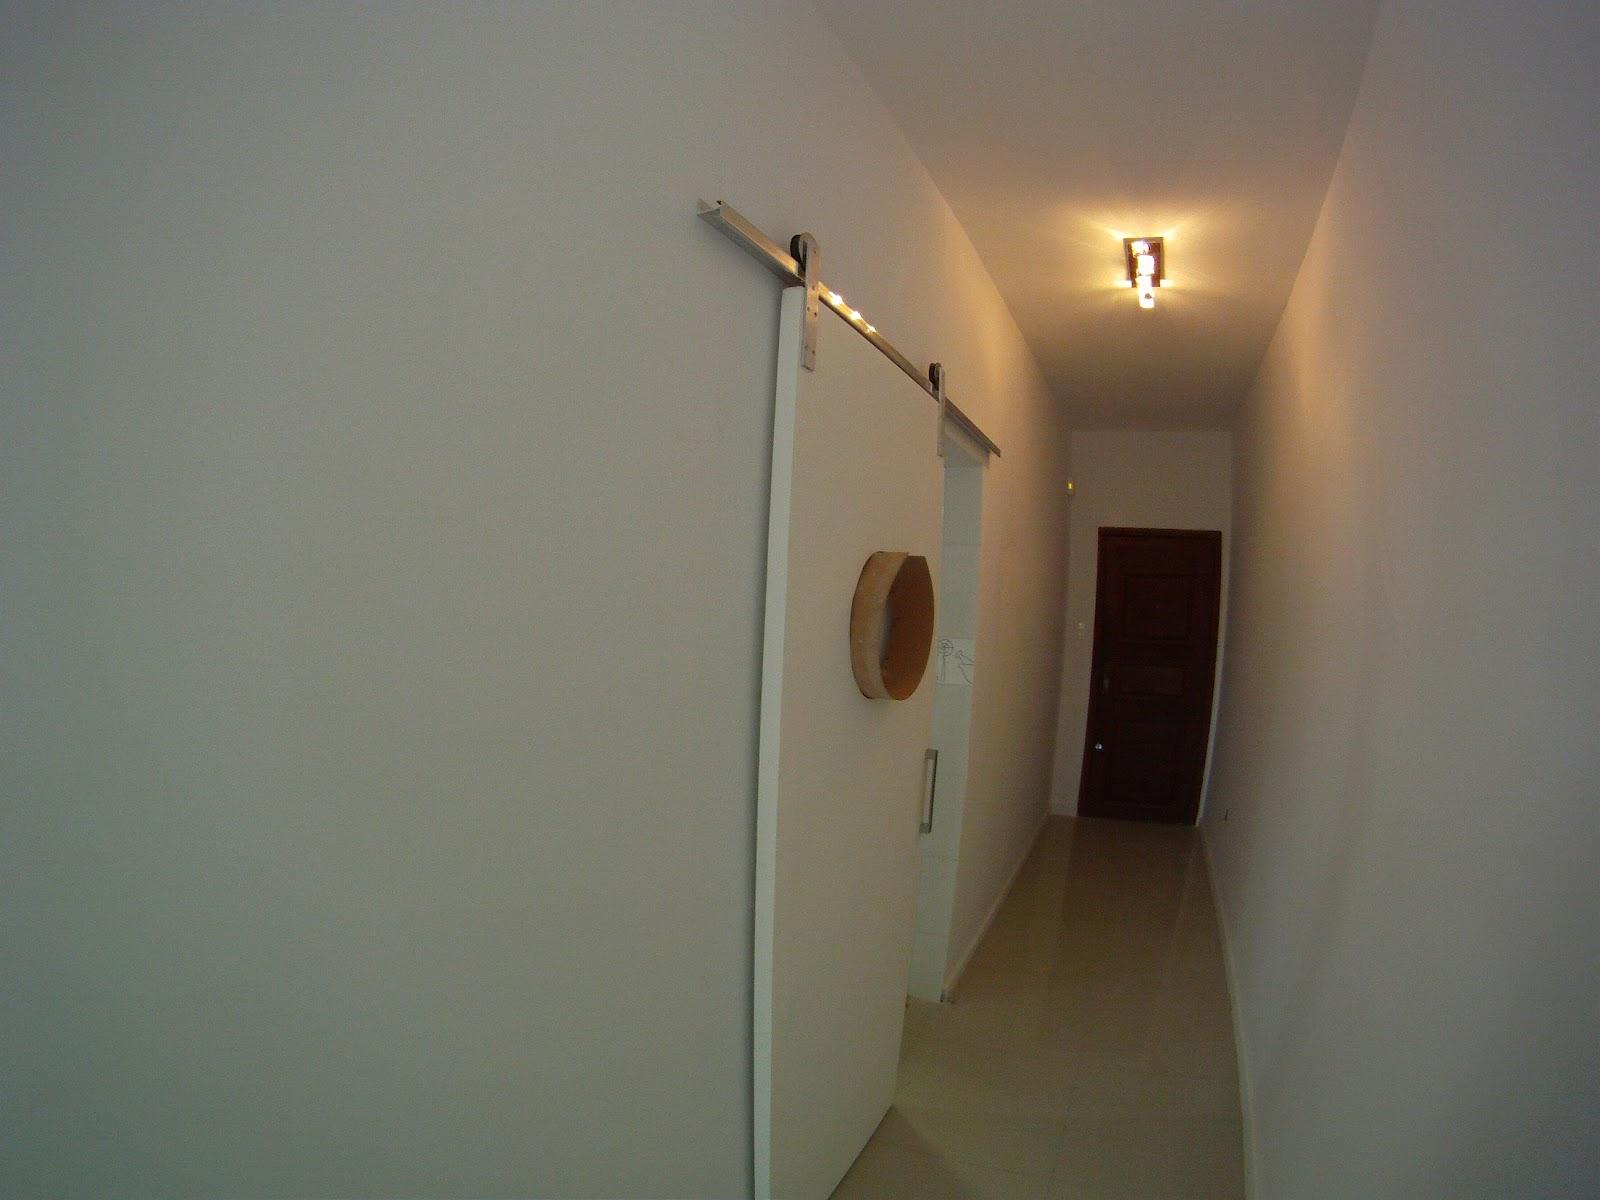 Imagens de #B07C1B Sala : com o Passa pratos pronto o ventilador de teto Terral que  1600x1200 px 3538 Blindex Banheiro Limpeza